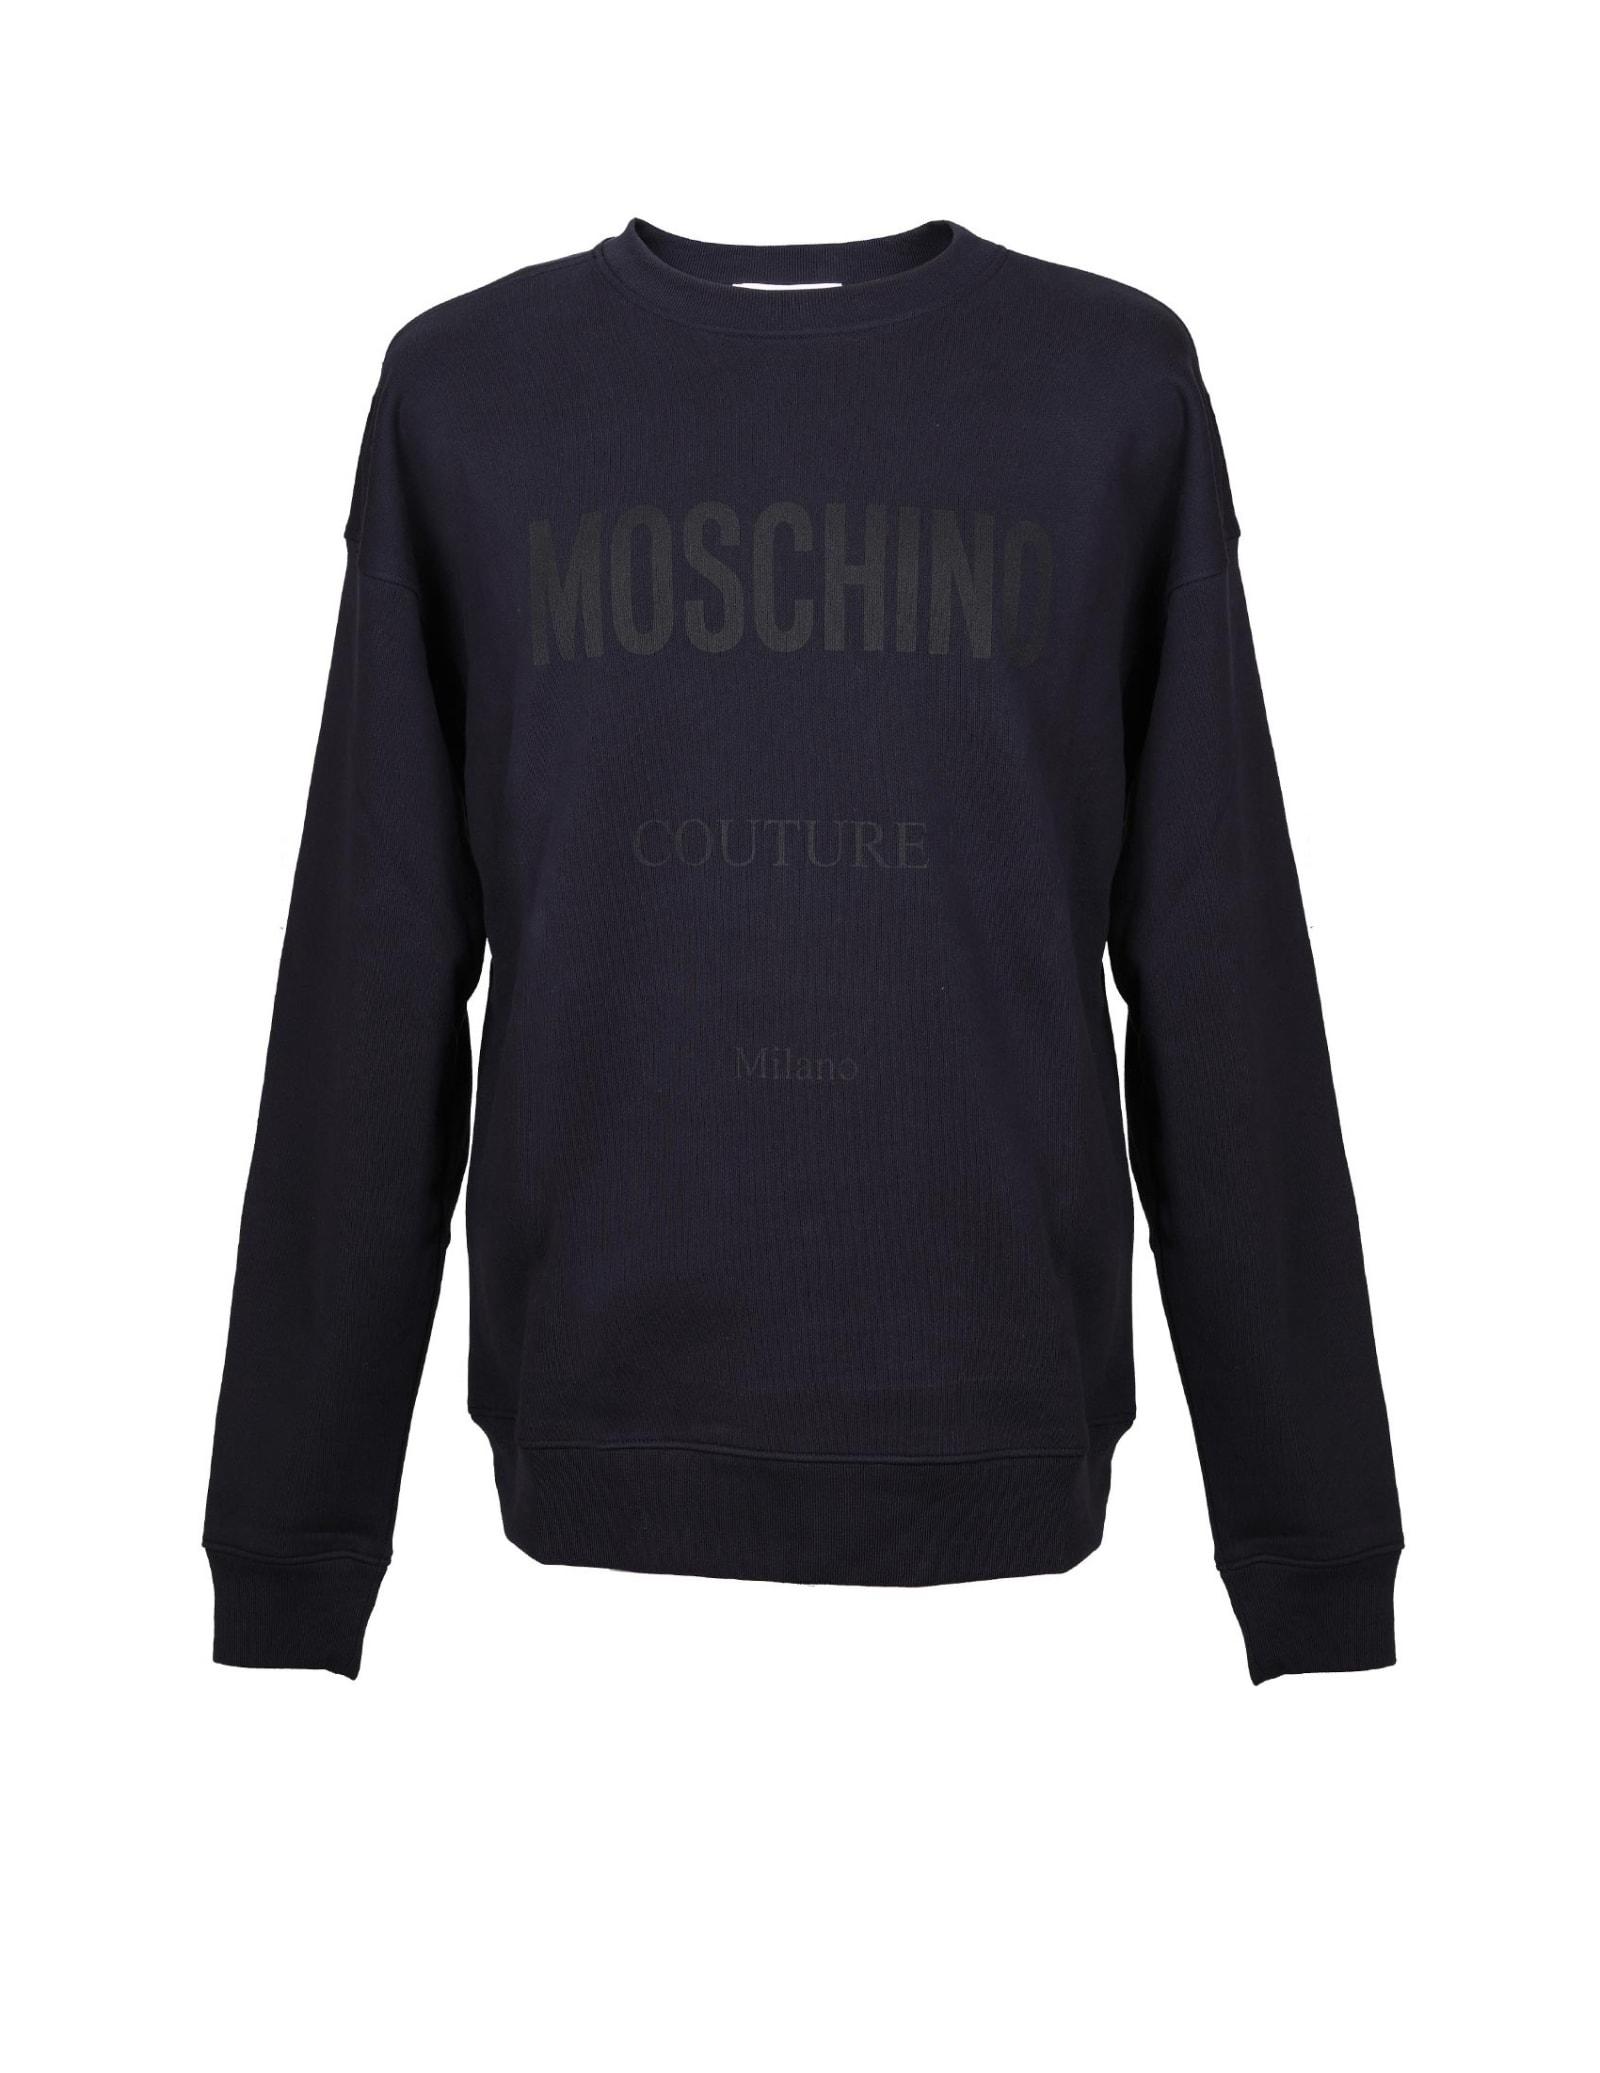 Moschino Sweatshirt Moschino Couture